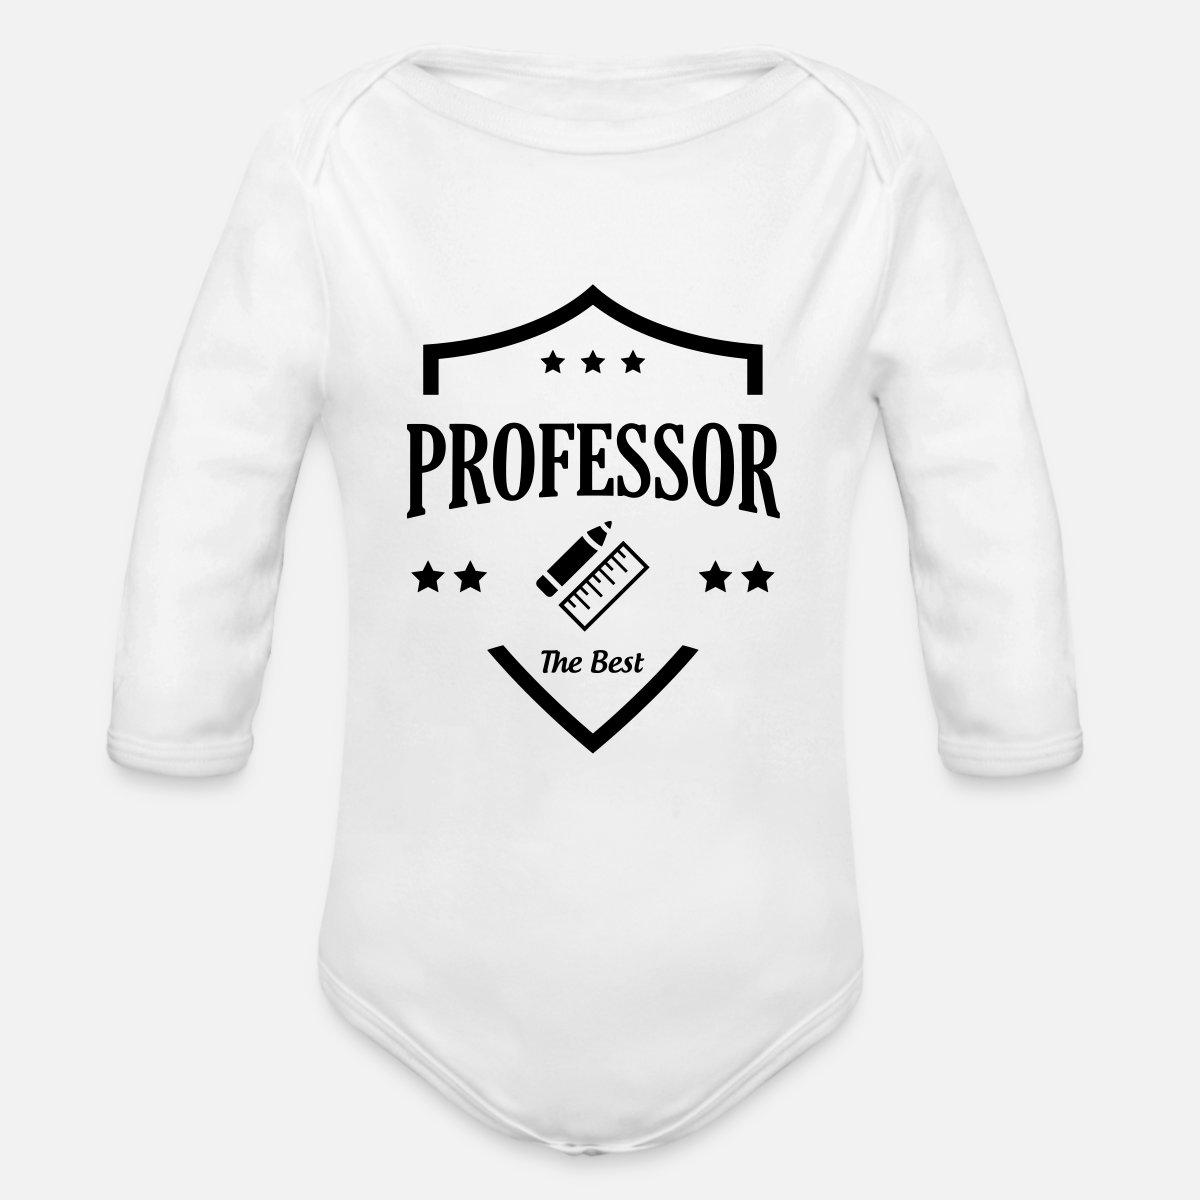 Lehrer / Professor / Schule / Lehrerin / Kind von krampo | Spreadshirt